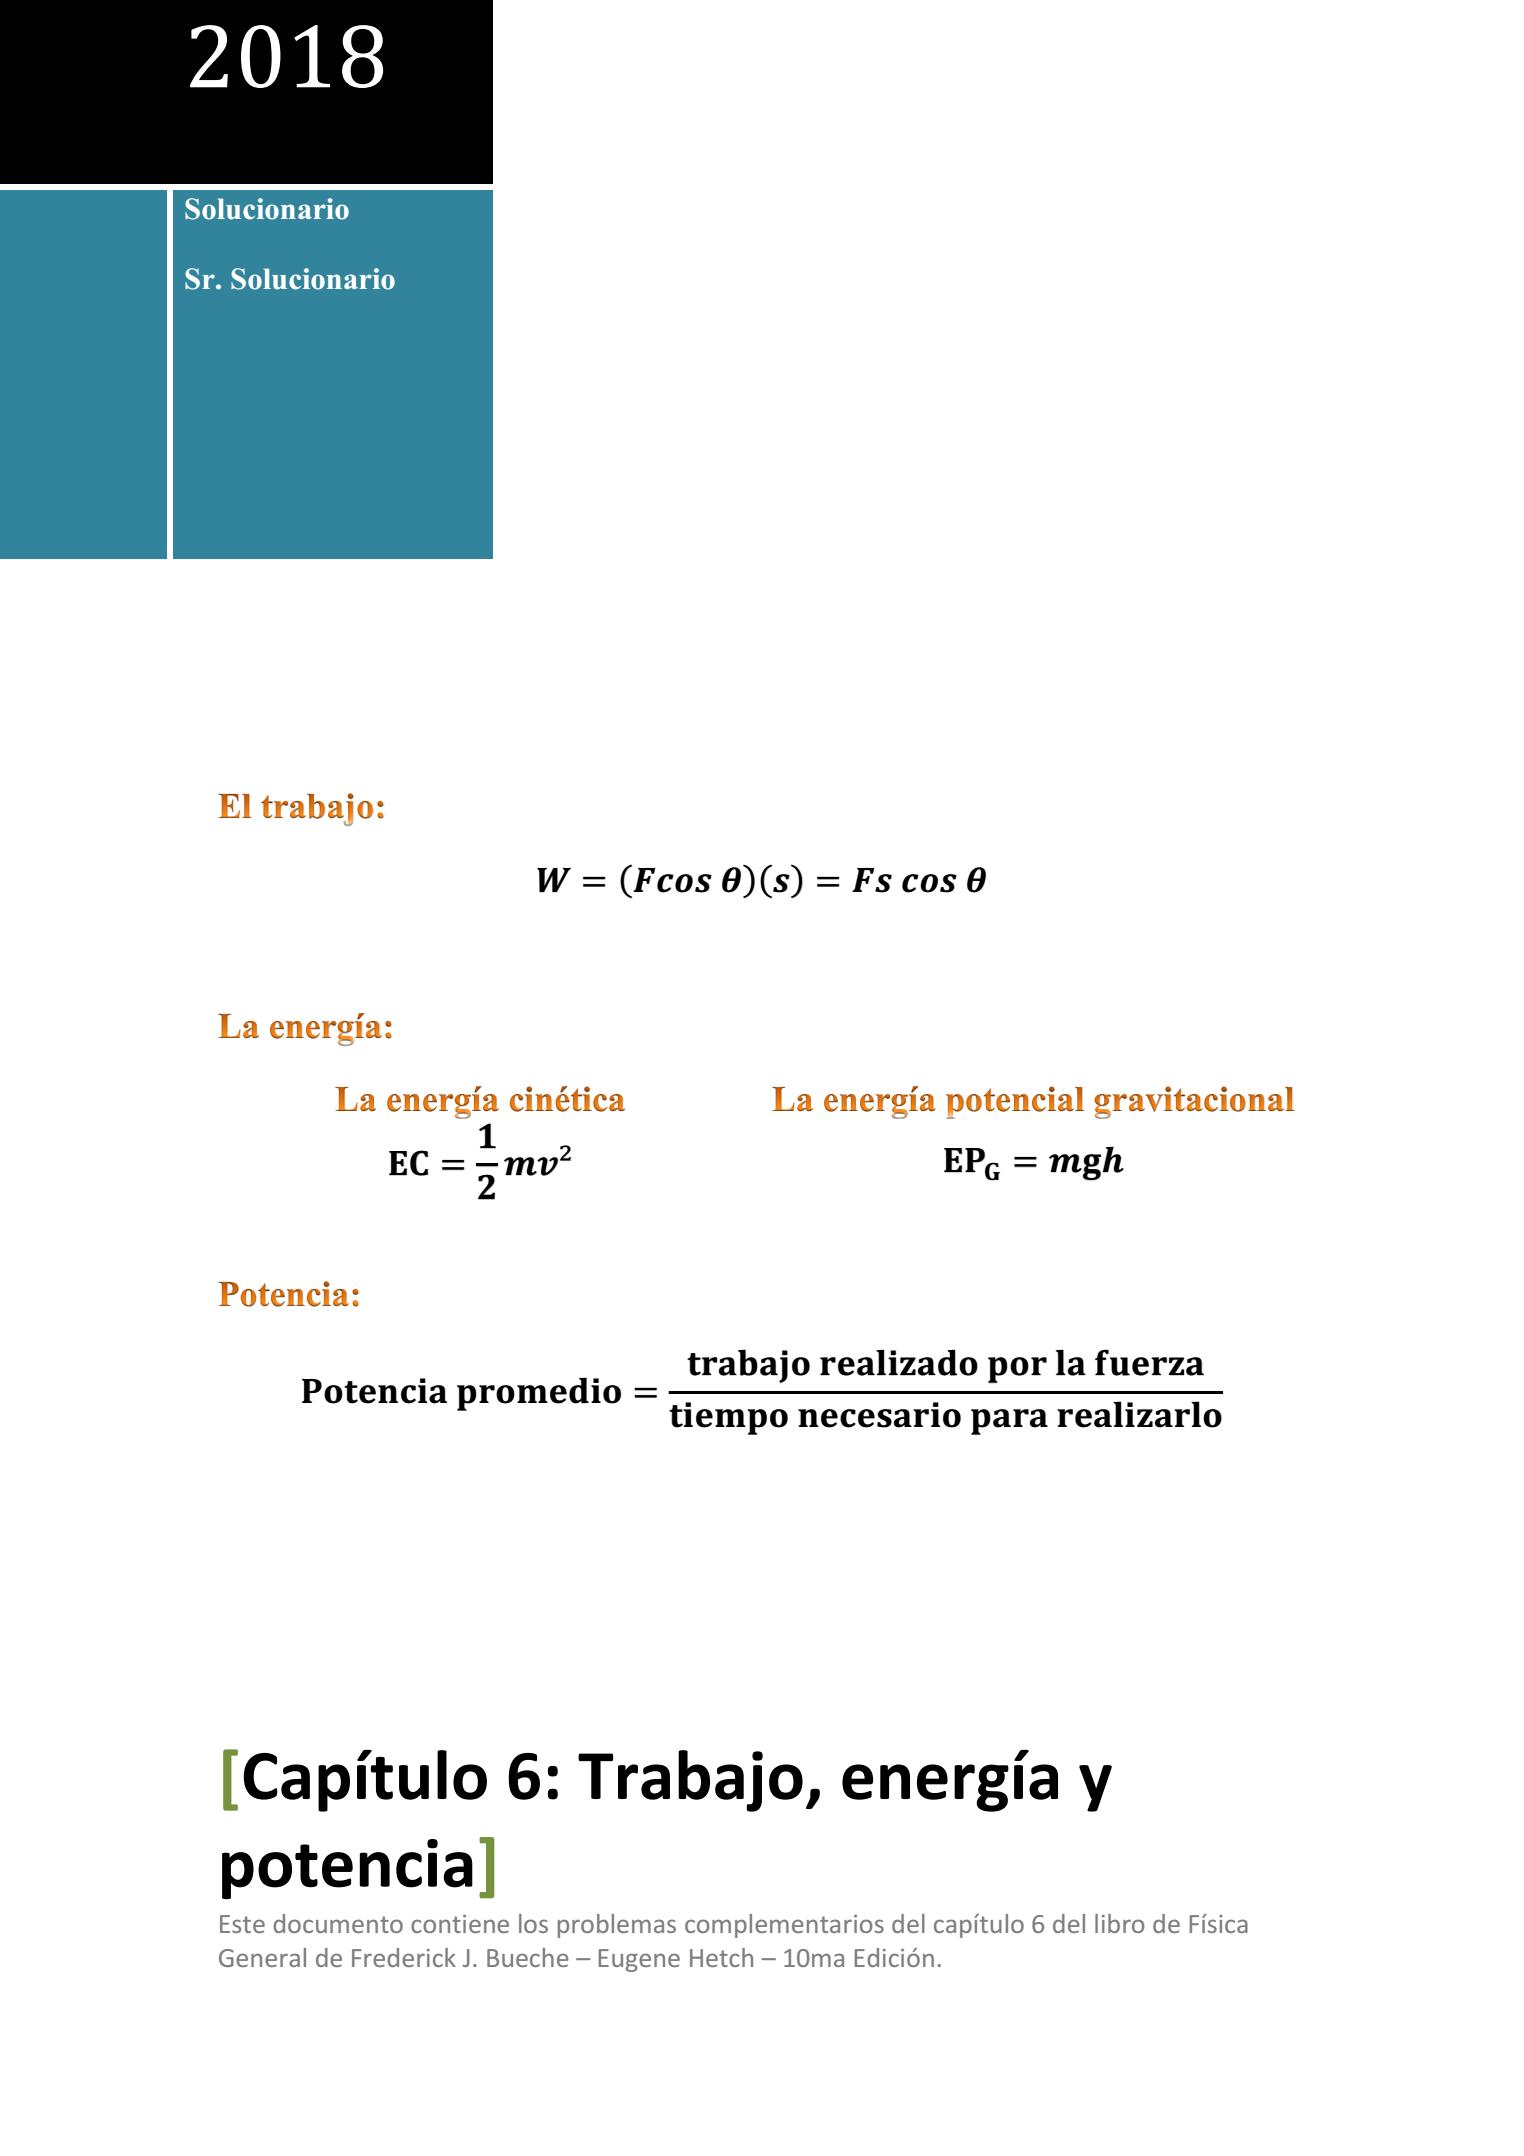 Capítulo 6 Trabajo, energía y potencia in 2020